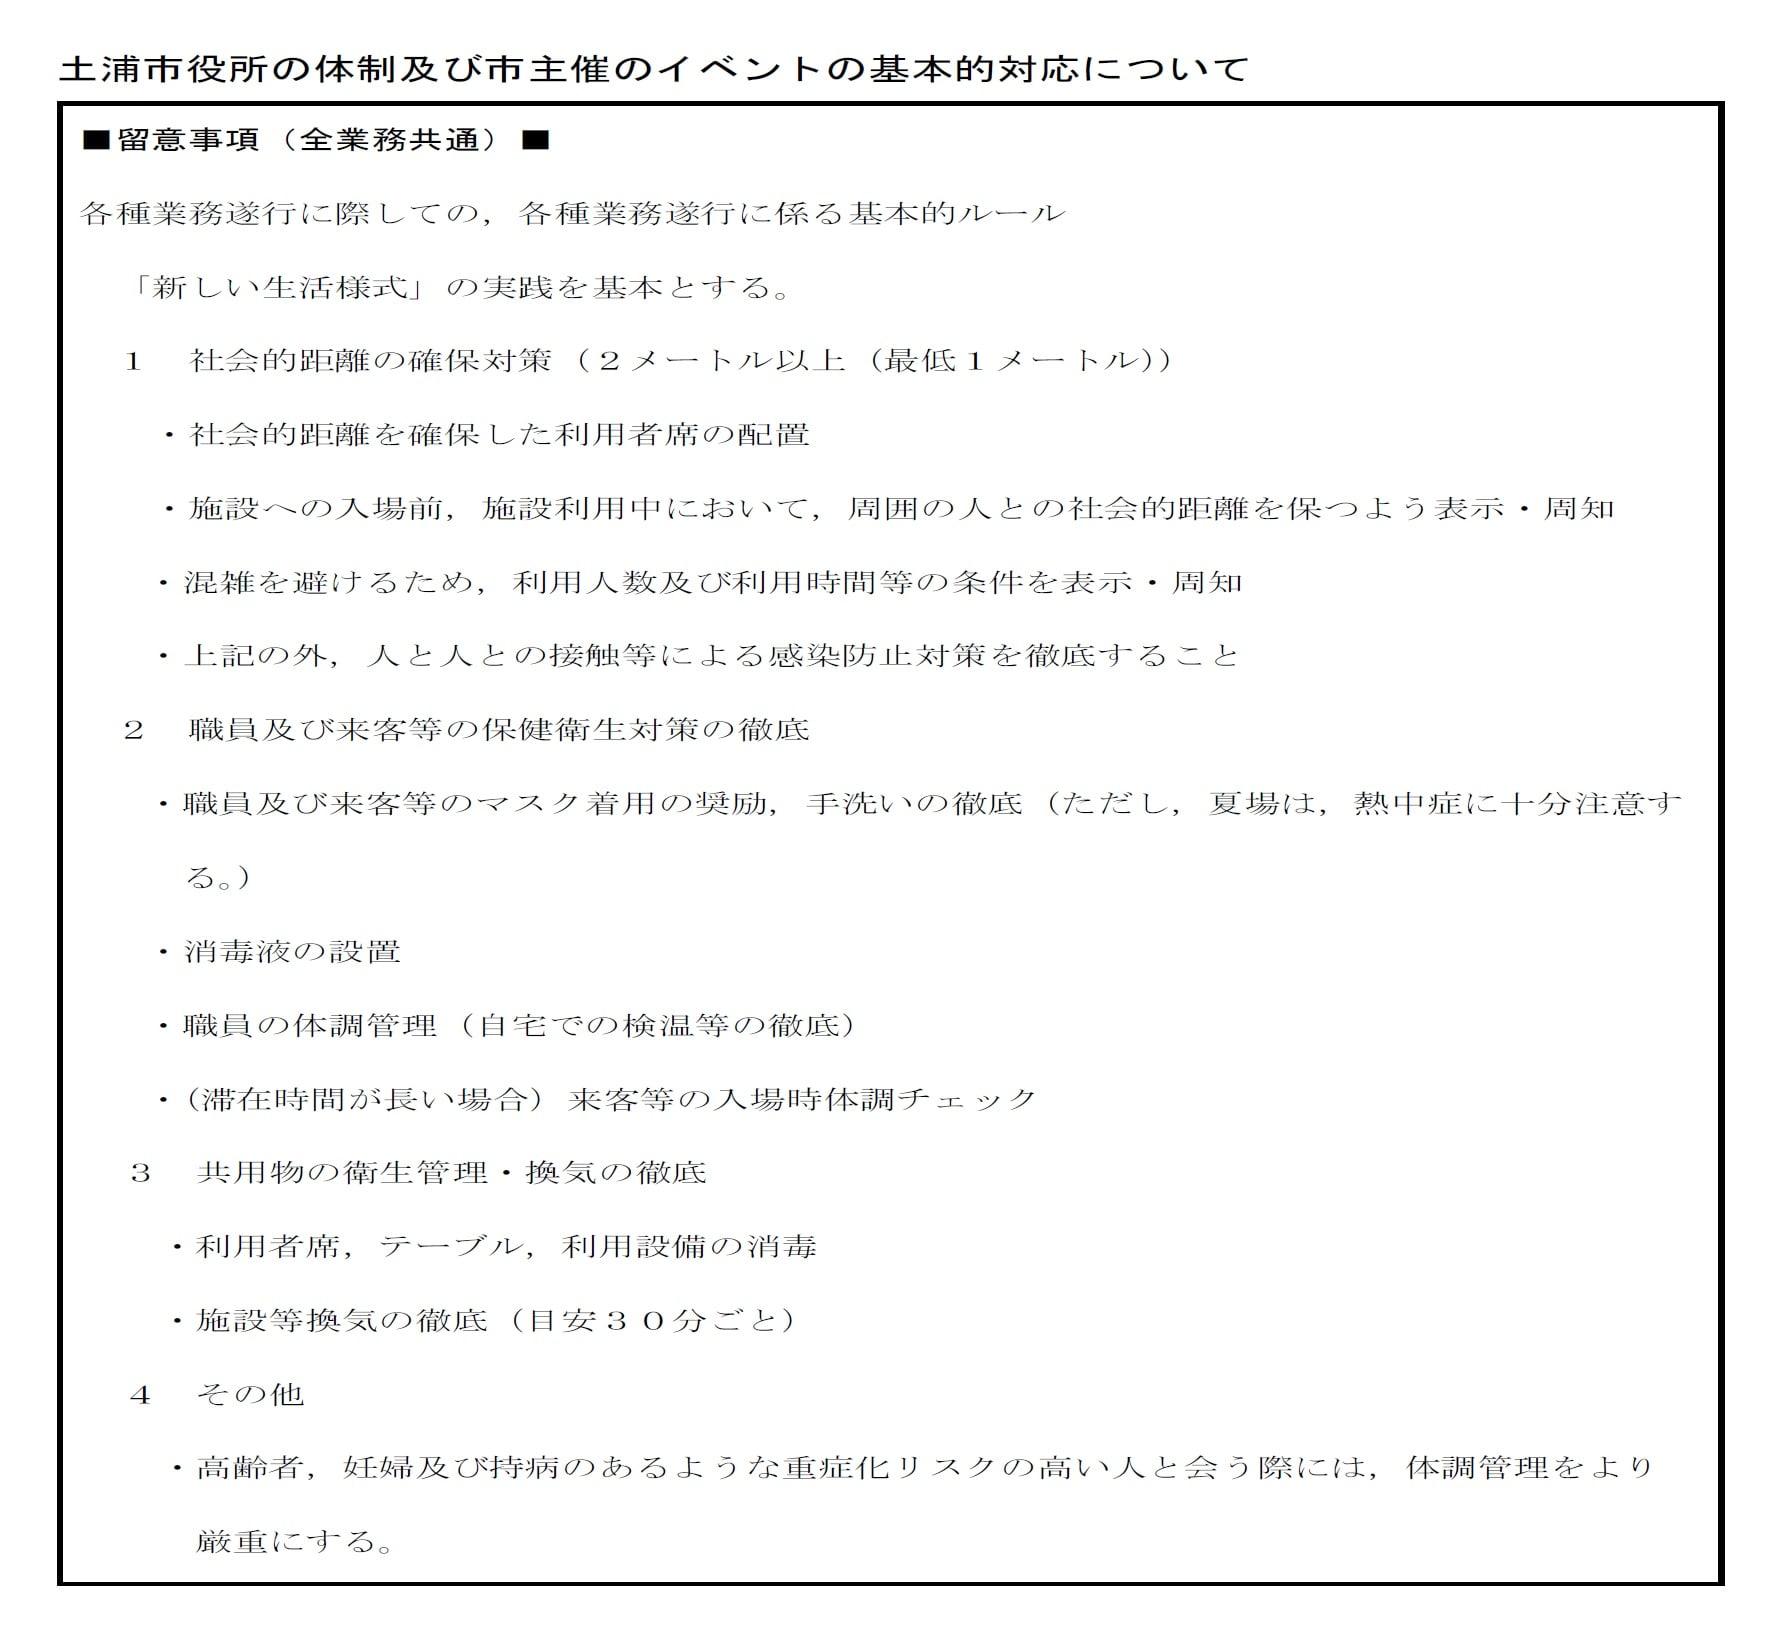 茨城版コロナNext Ver.2のステージ2→3へ強化page-visual 茨城版コロナNext Ver.2のステージ2→3へ強化ビジュアル